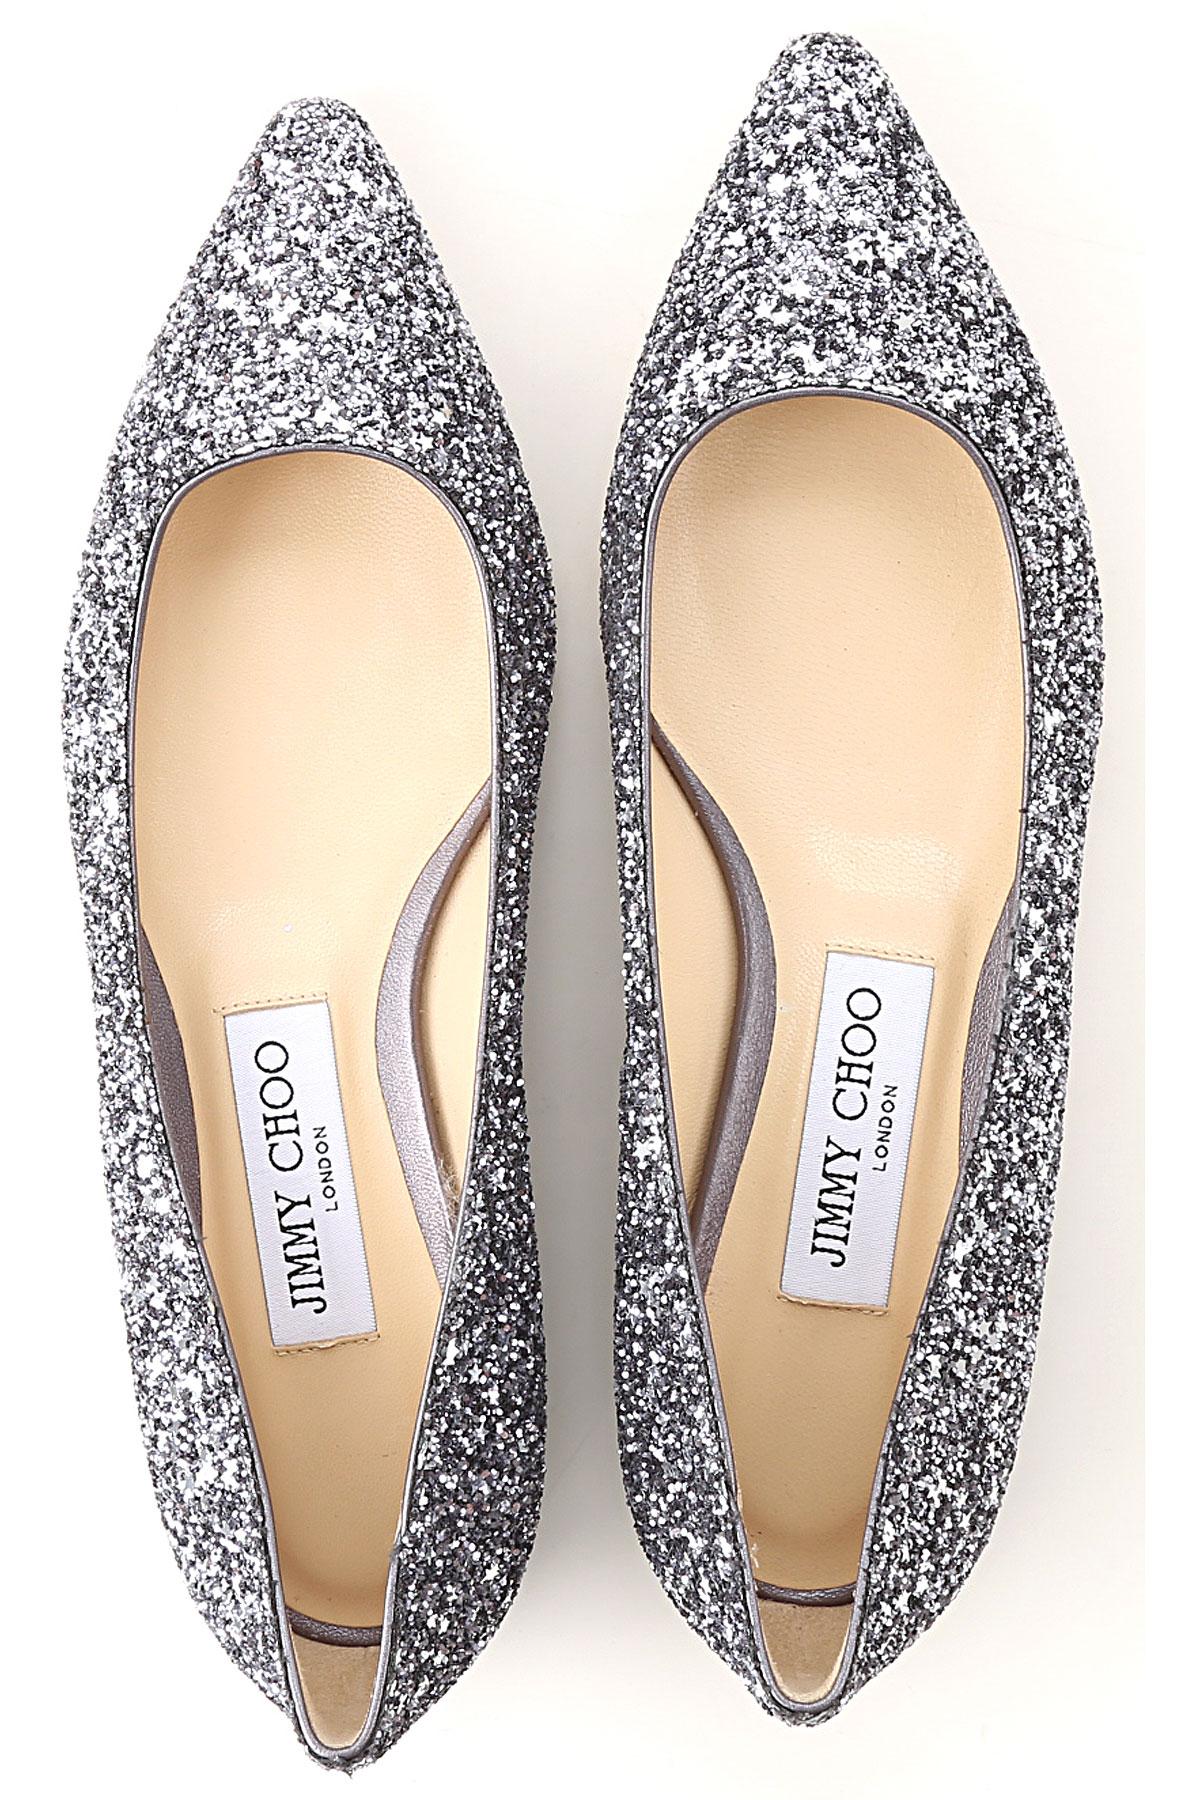 Gunmetal verano Jimmy Primavera Zapatos Choo Glitter 2019 Para Plata Mujer Un4Hxn